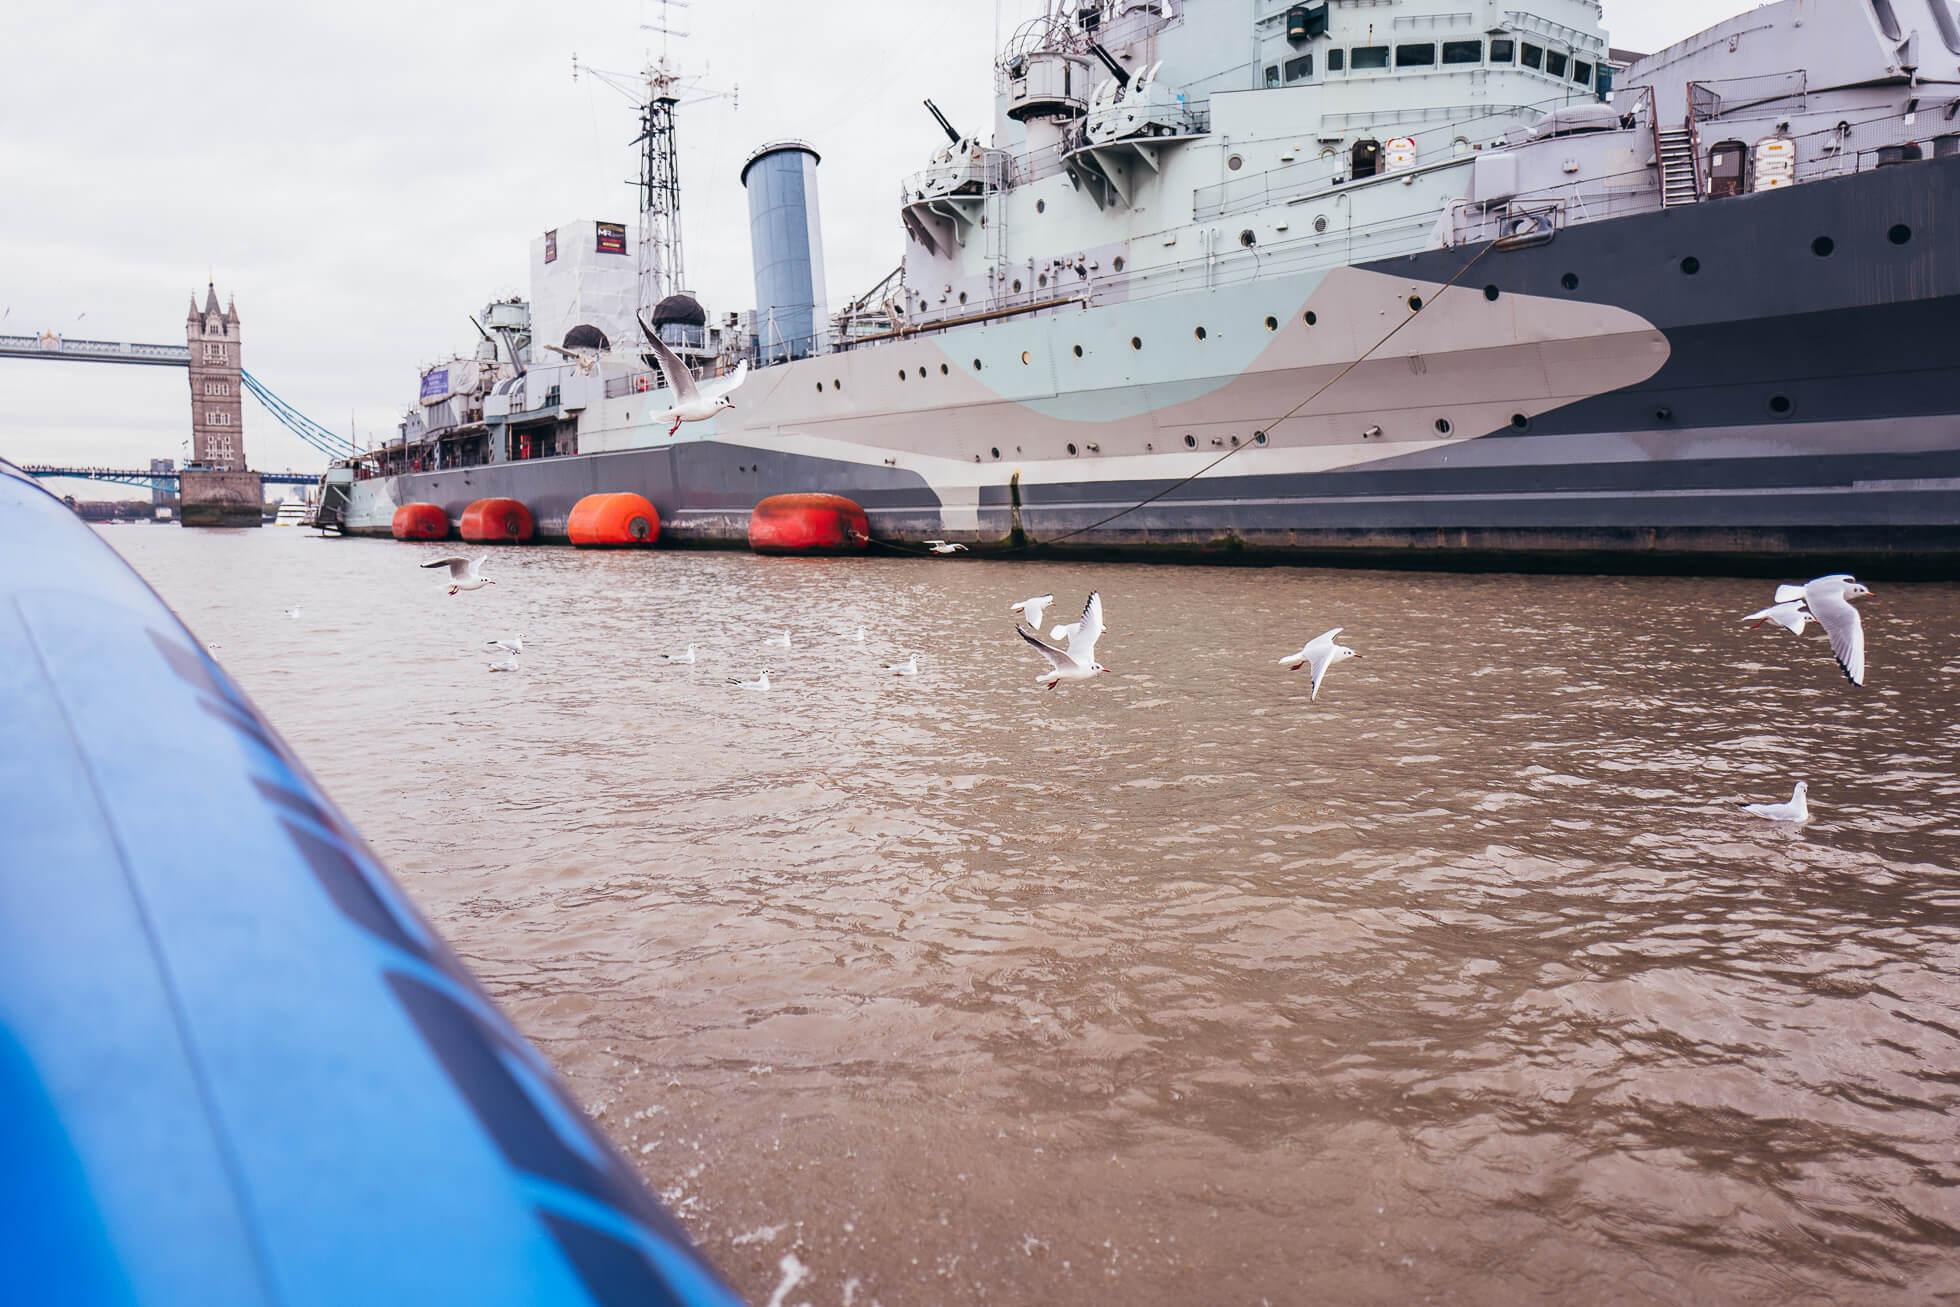 janni-deler-speedboat-londonl1160061